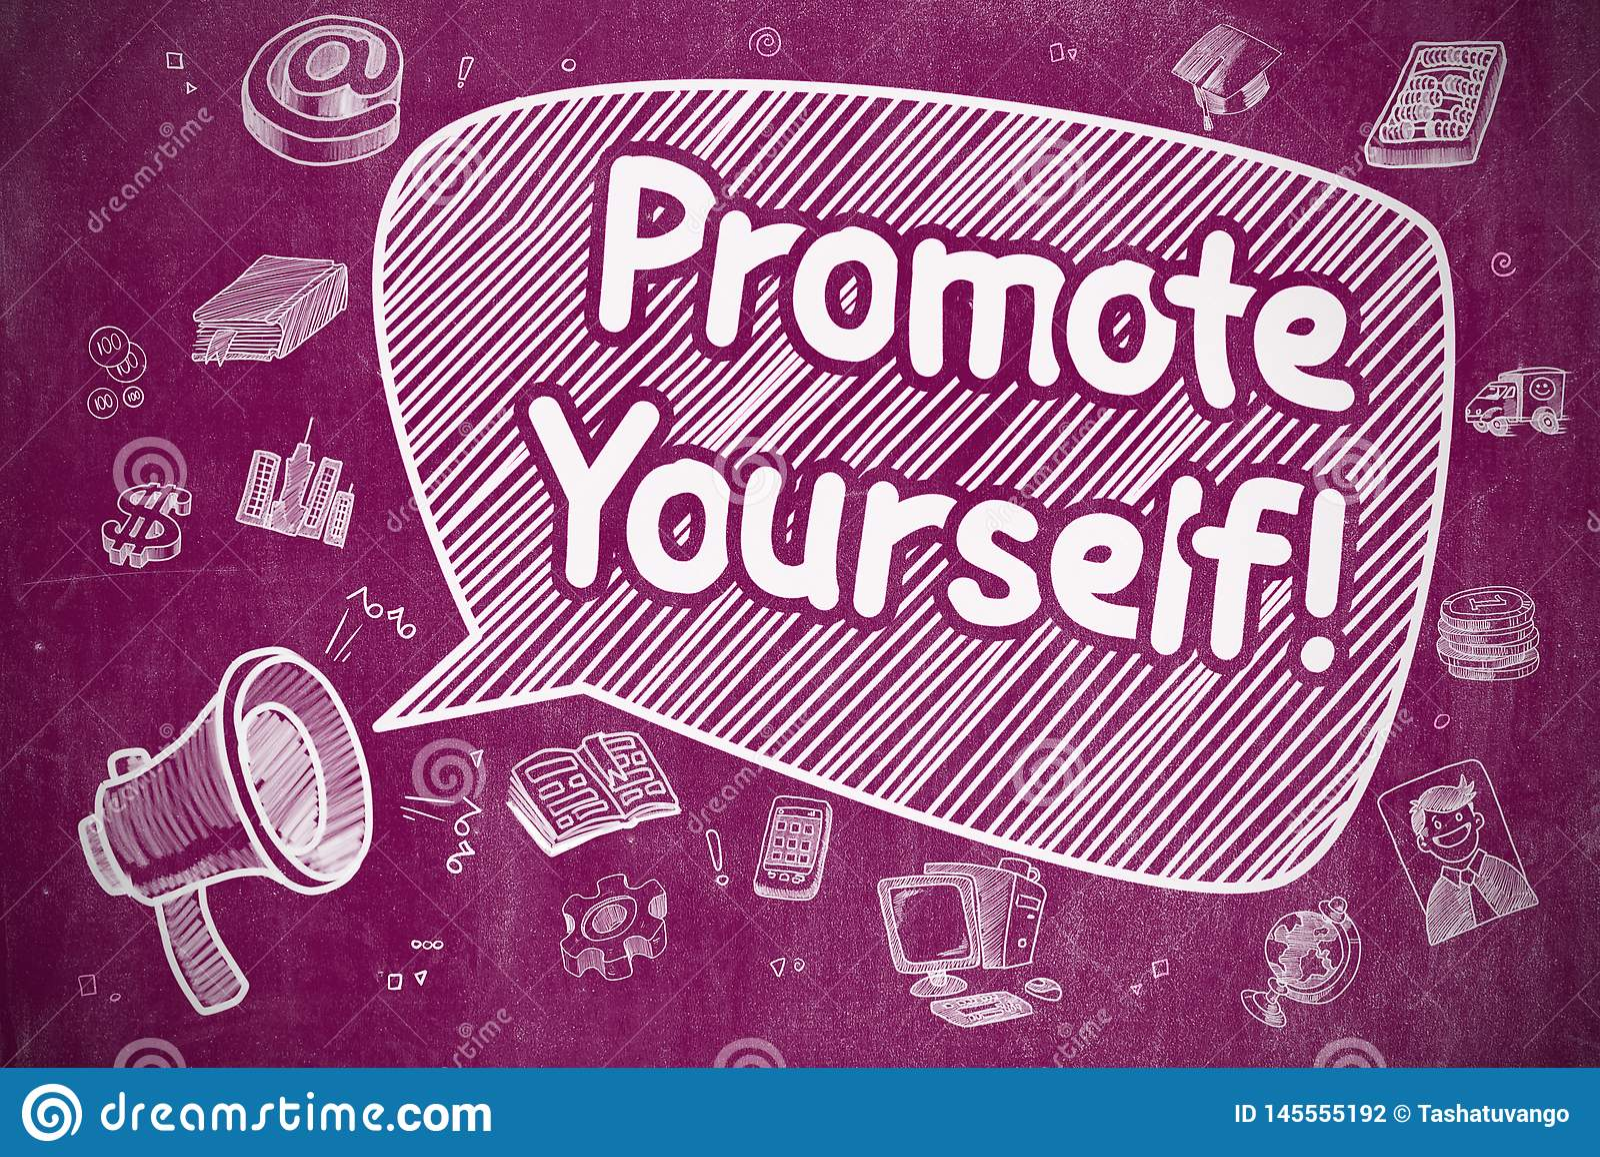 Promova-se - ilustração da garatuja no quadro roxo